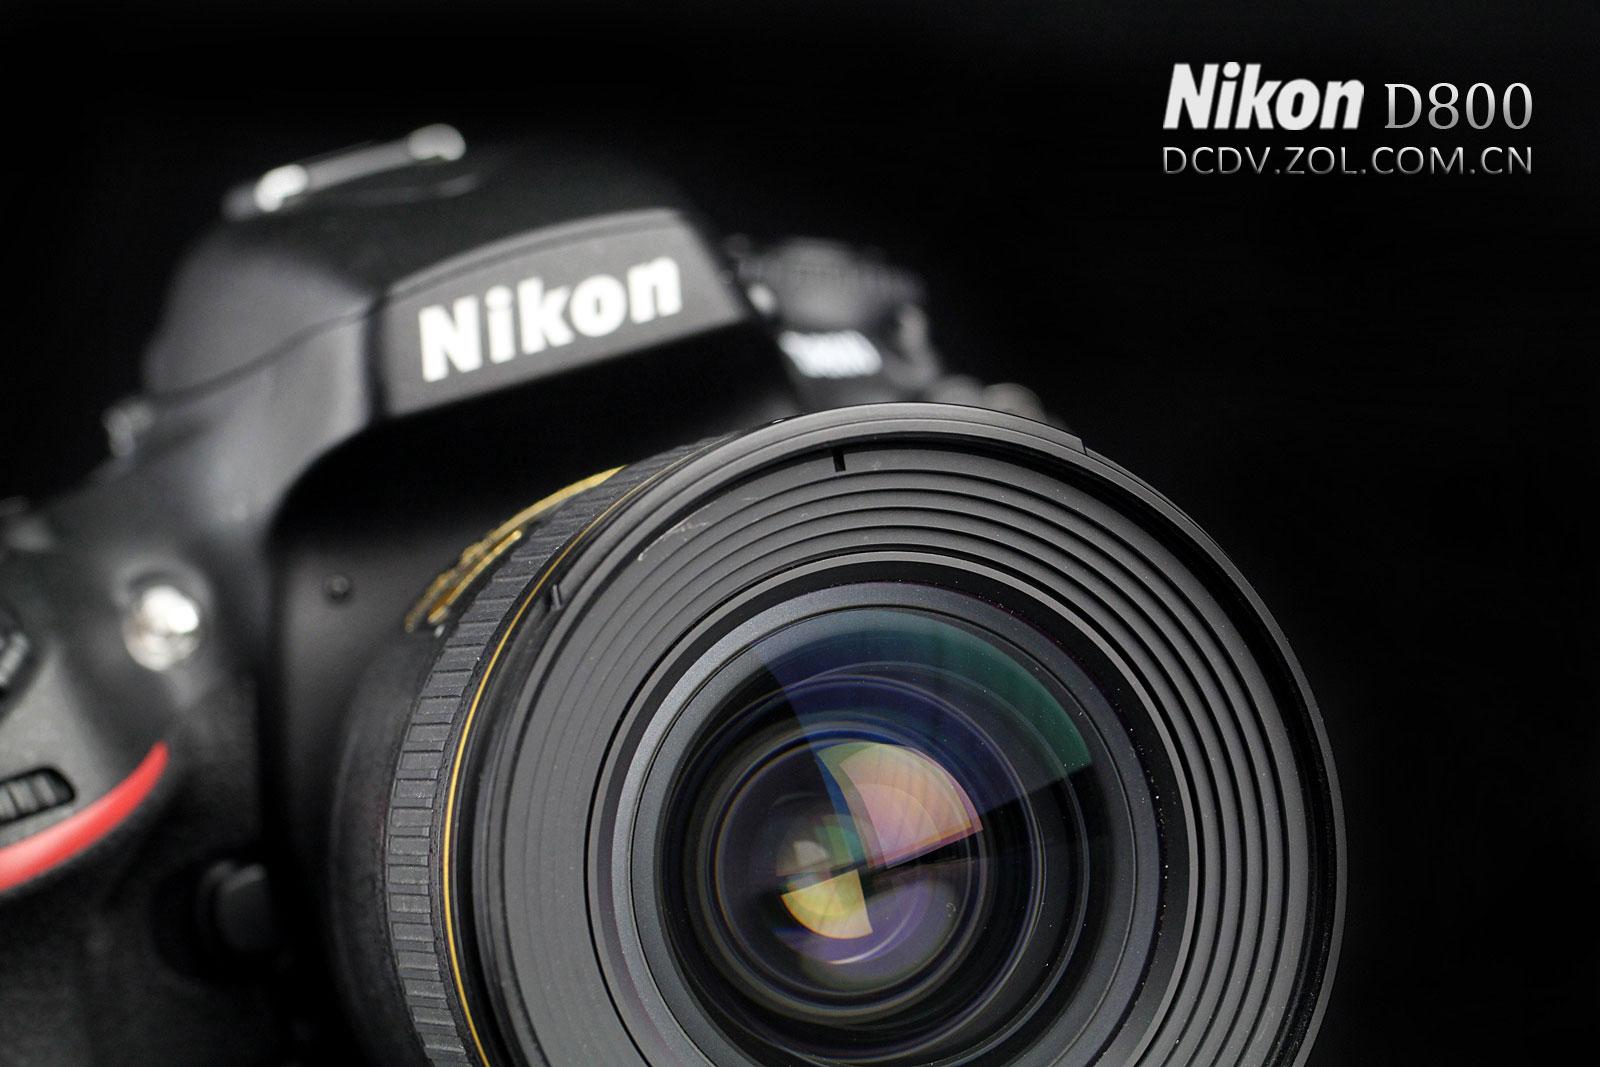 【原始大图】尼康d800效果图图片欣赏-zol中关村在线